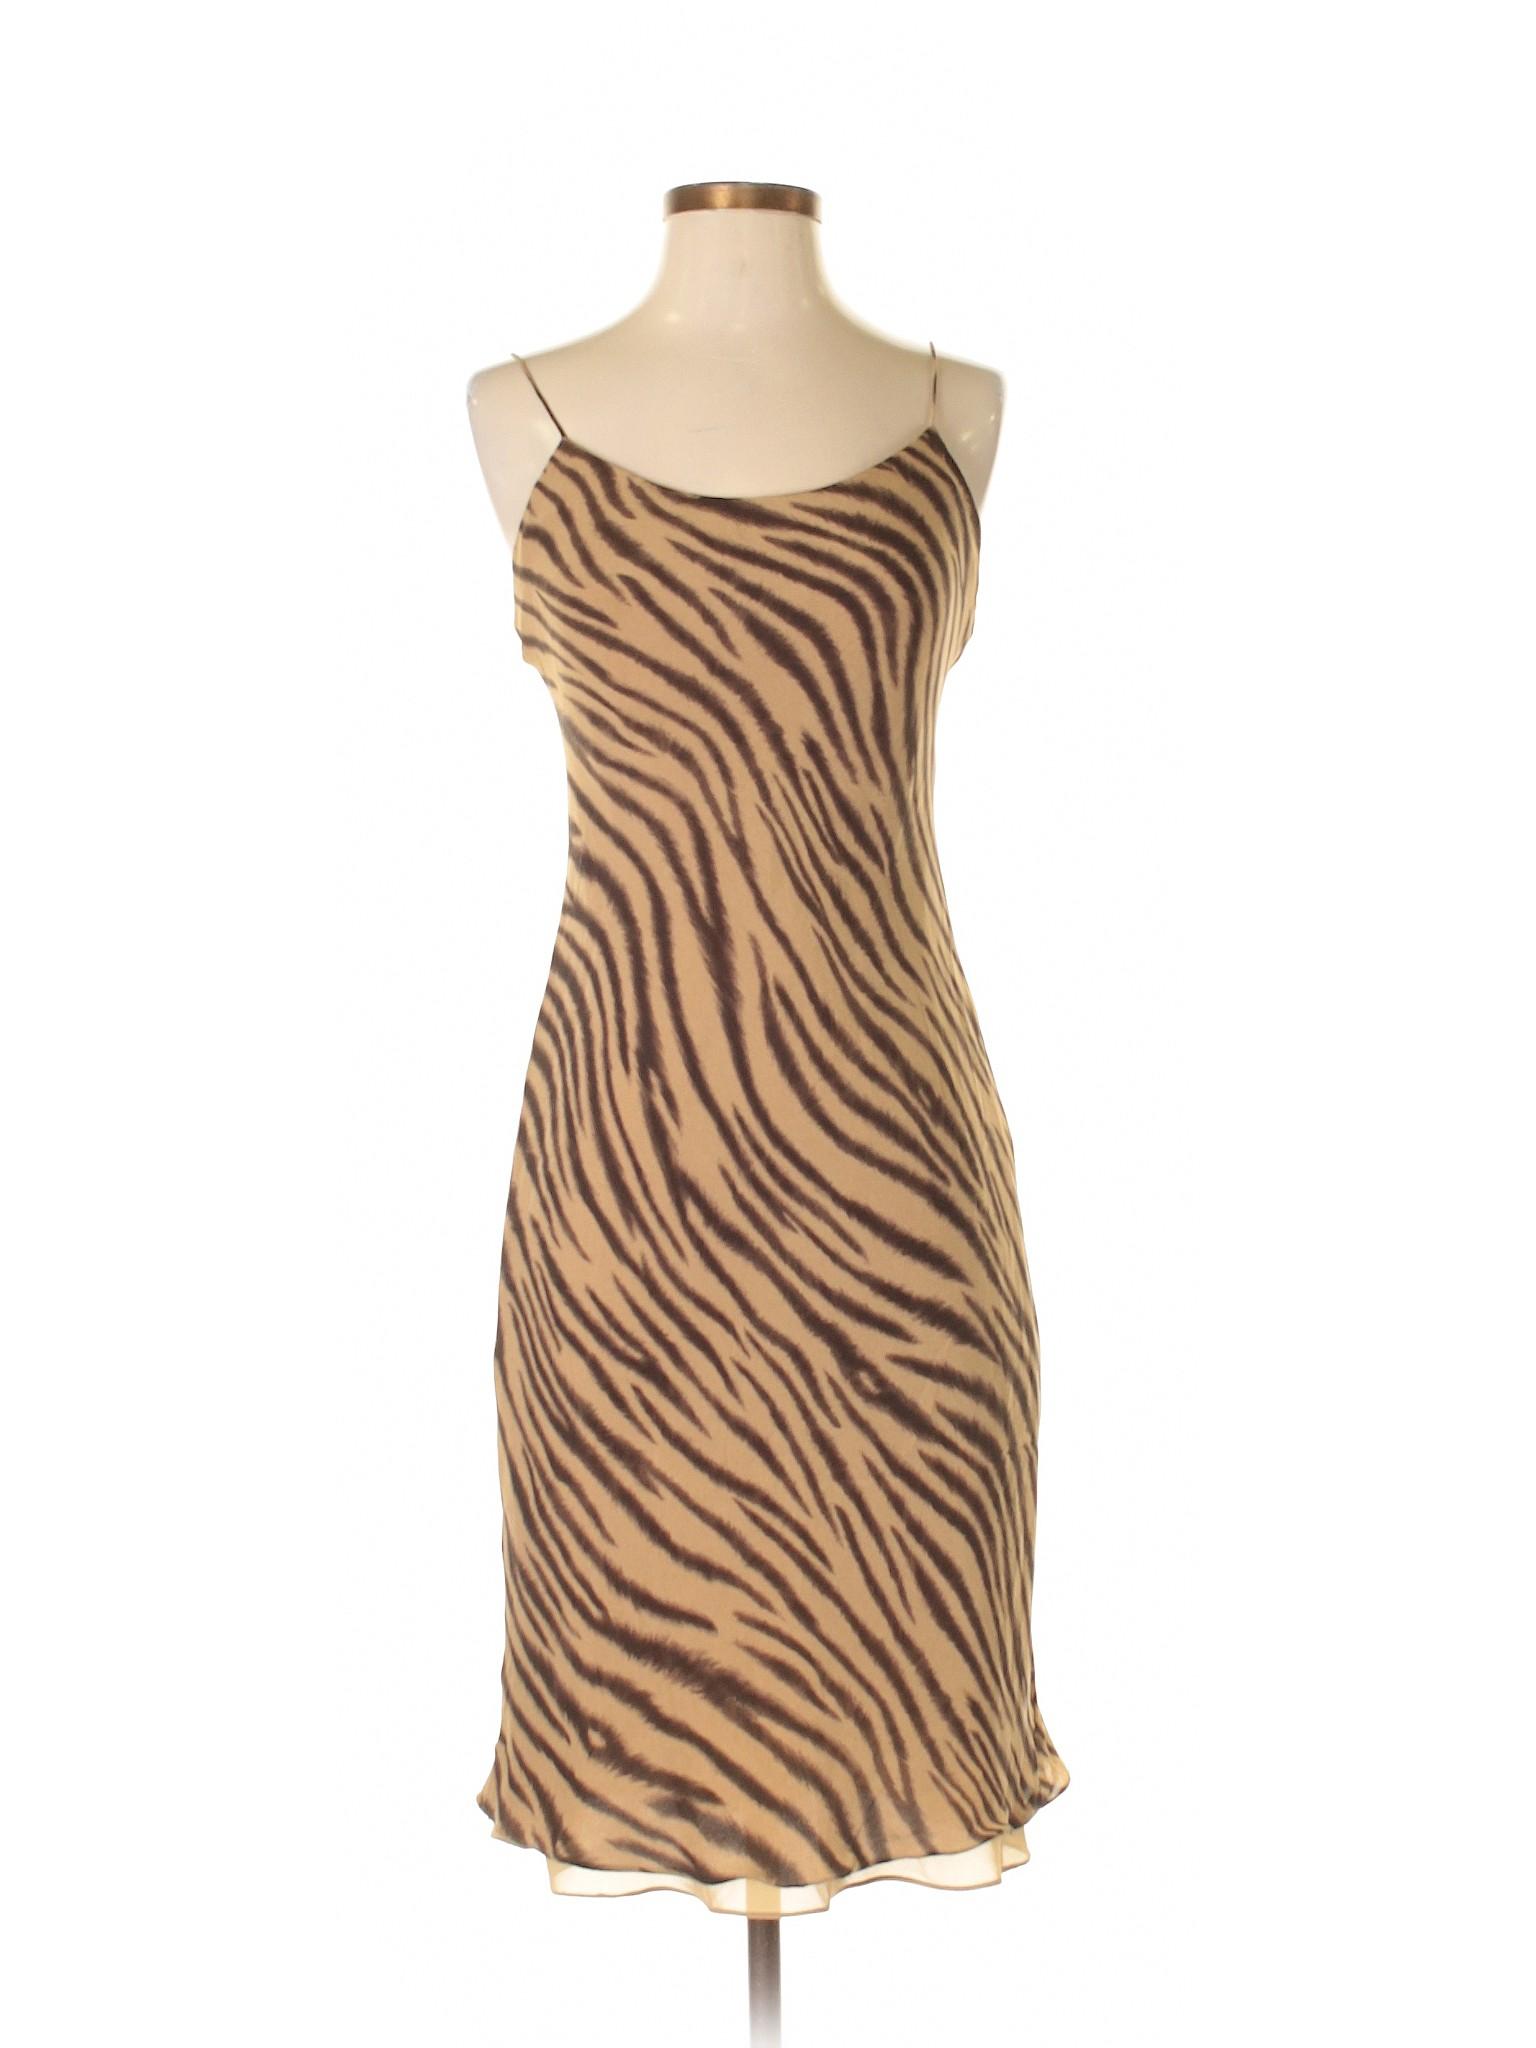 York Boutique New Signature Dress Casual Jones Winter qztz7wxB1